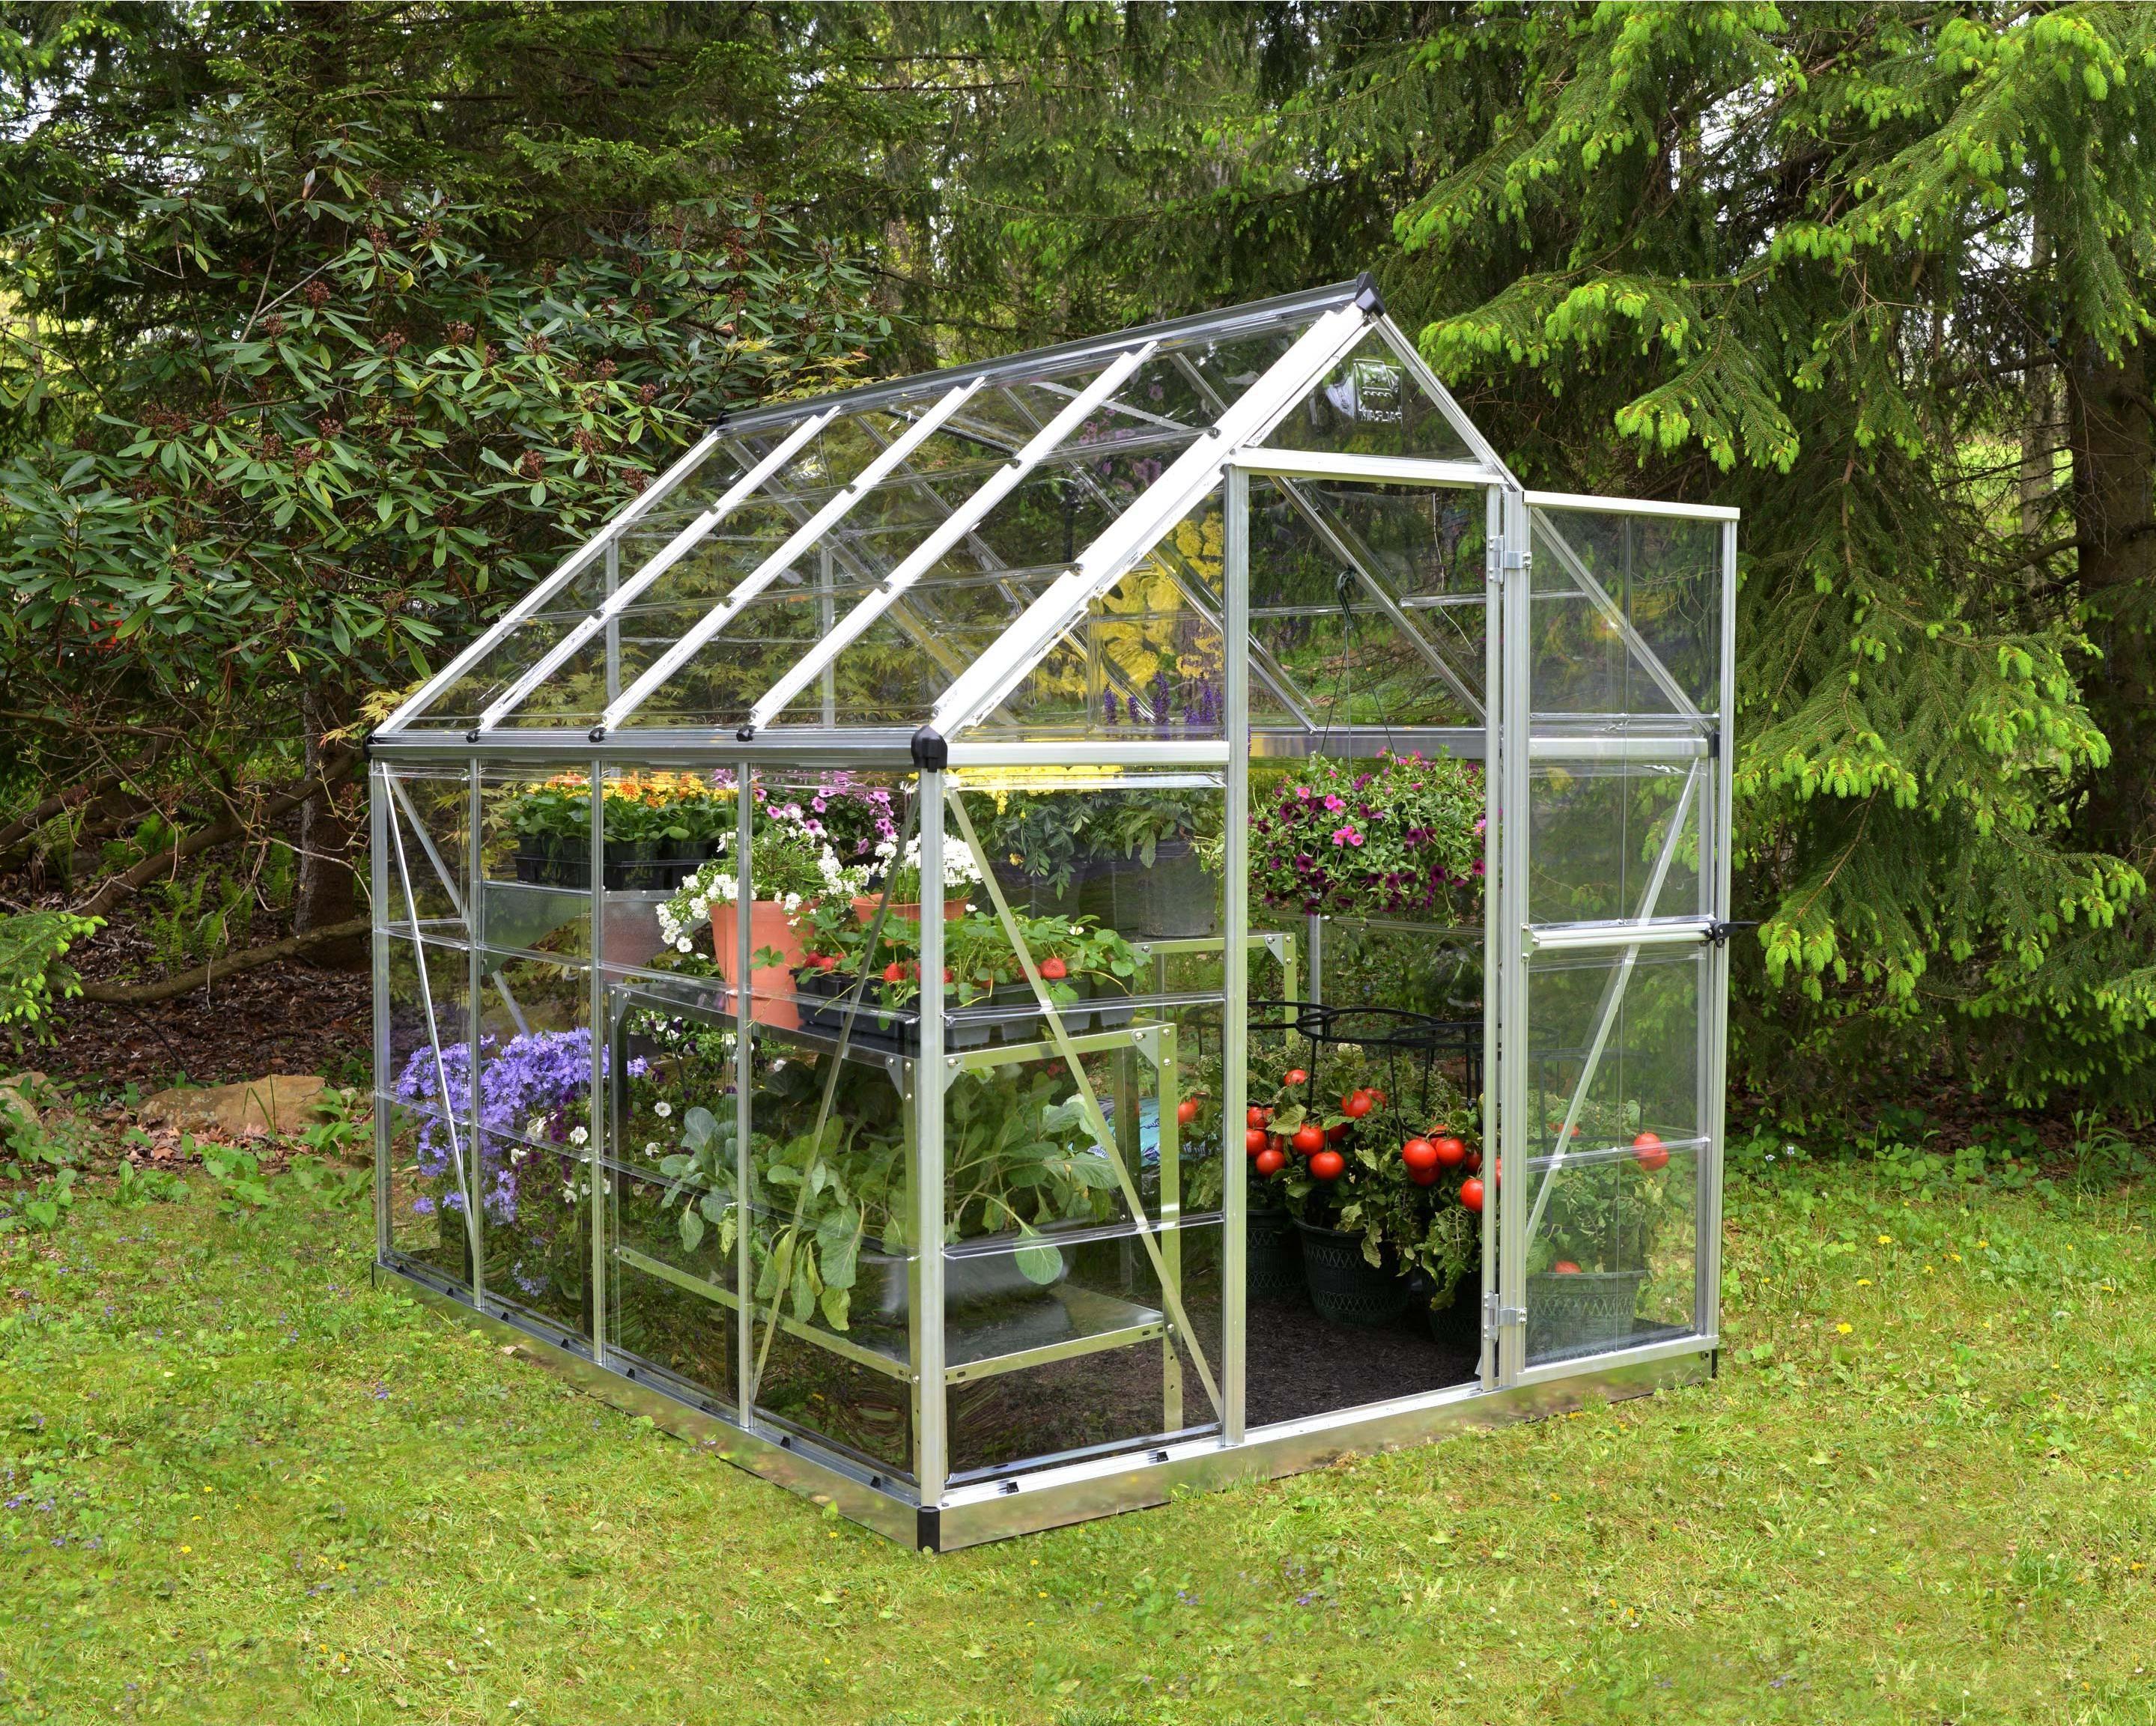 Serre De Jardin Argent Harmony 4 5 M Aluminium Et Polycarbonate Palram Serre Jardin Jardin Vert Et Jardinage De Serre